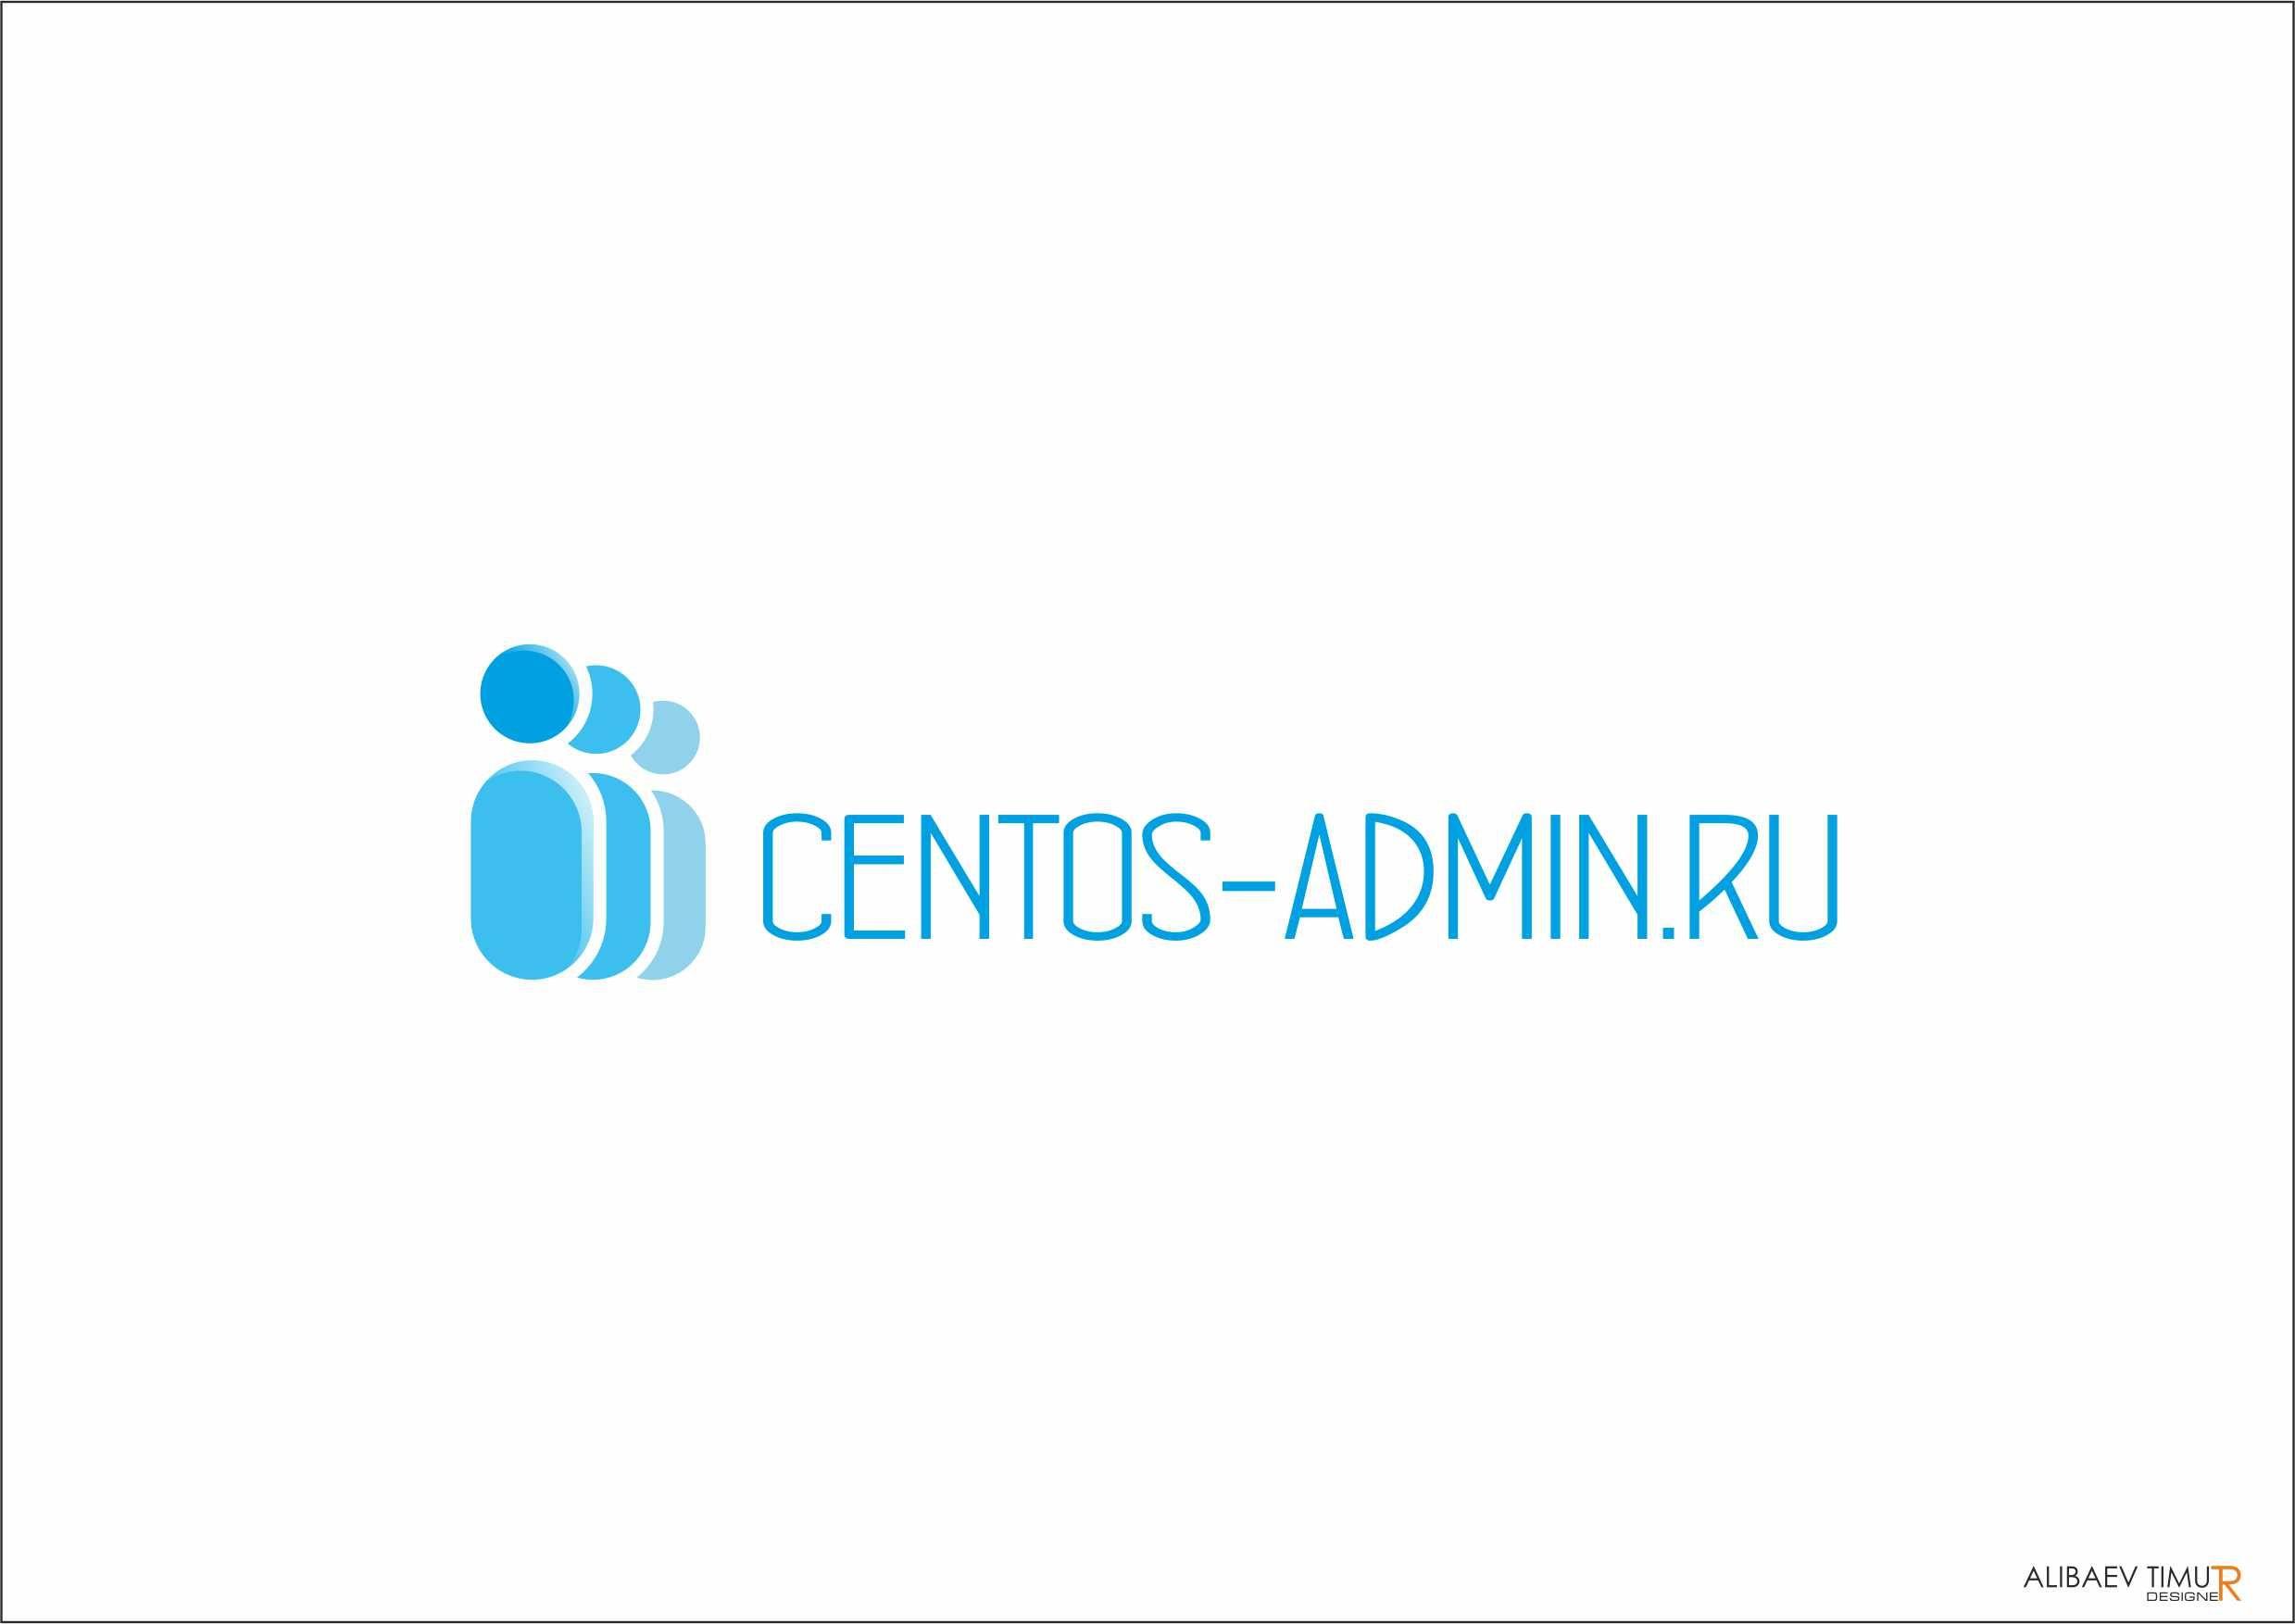 Логотип для компании Centos-admin.ru - дизайнер tahalibaev